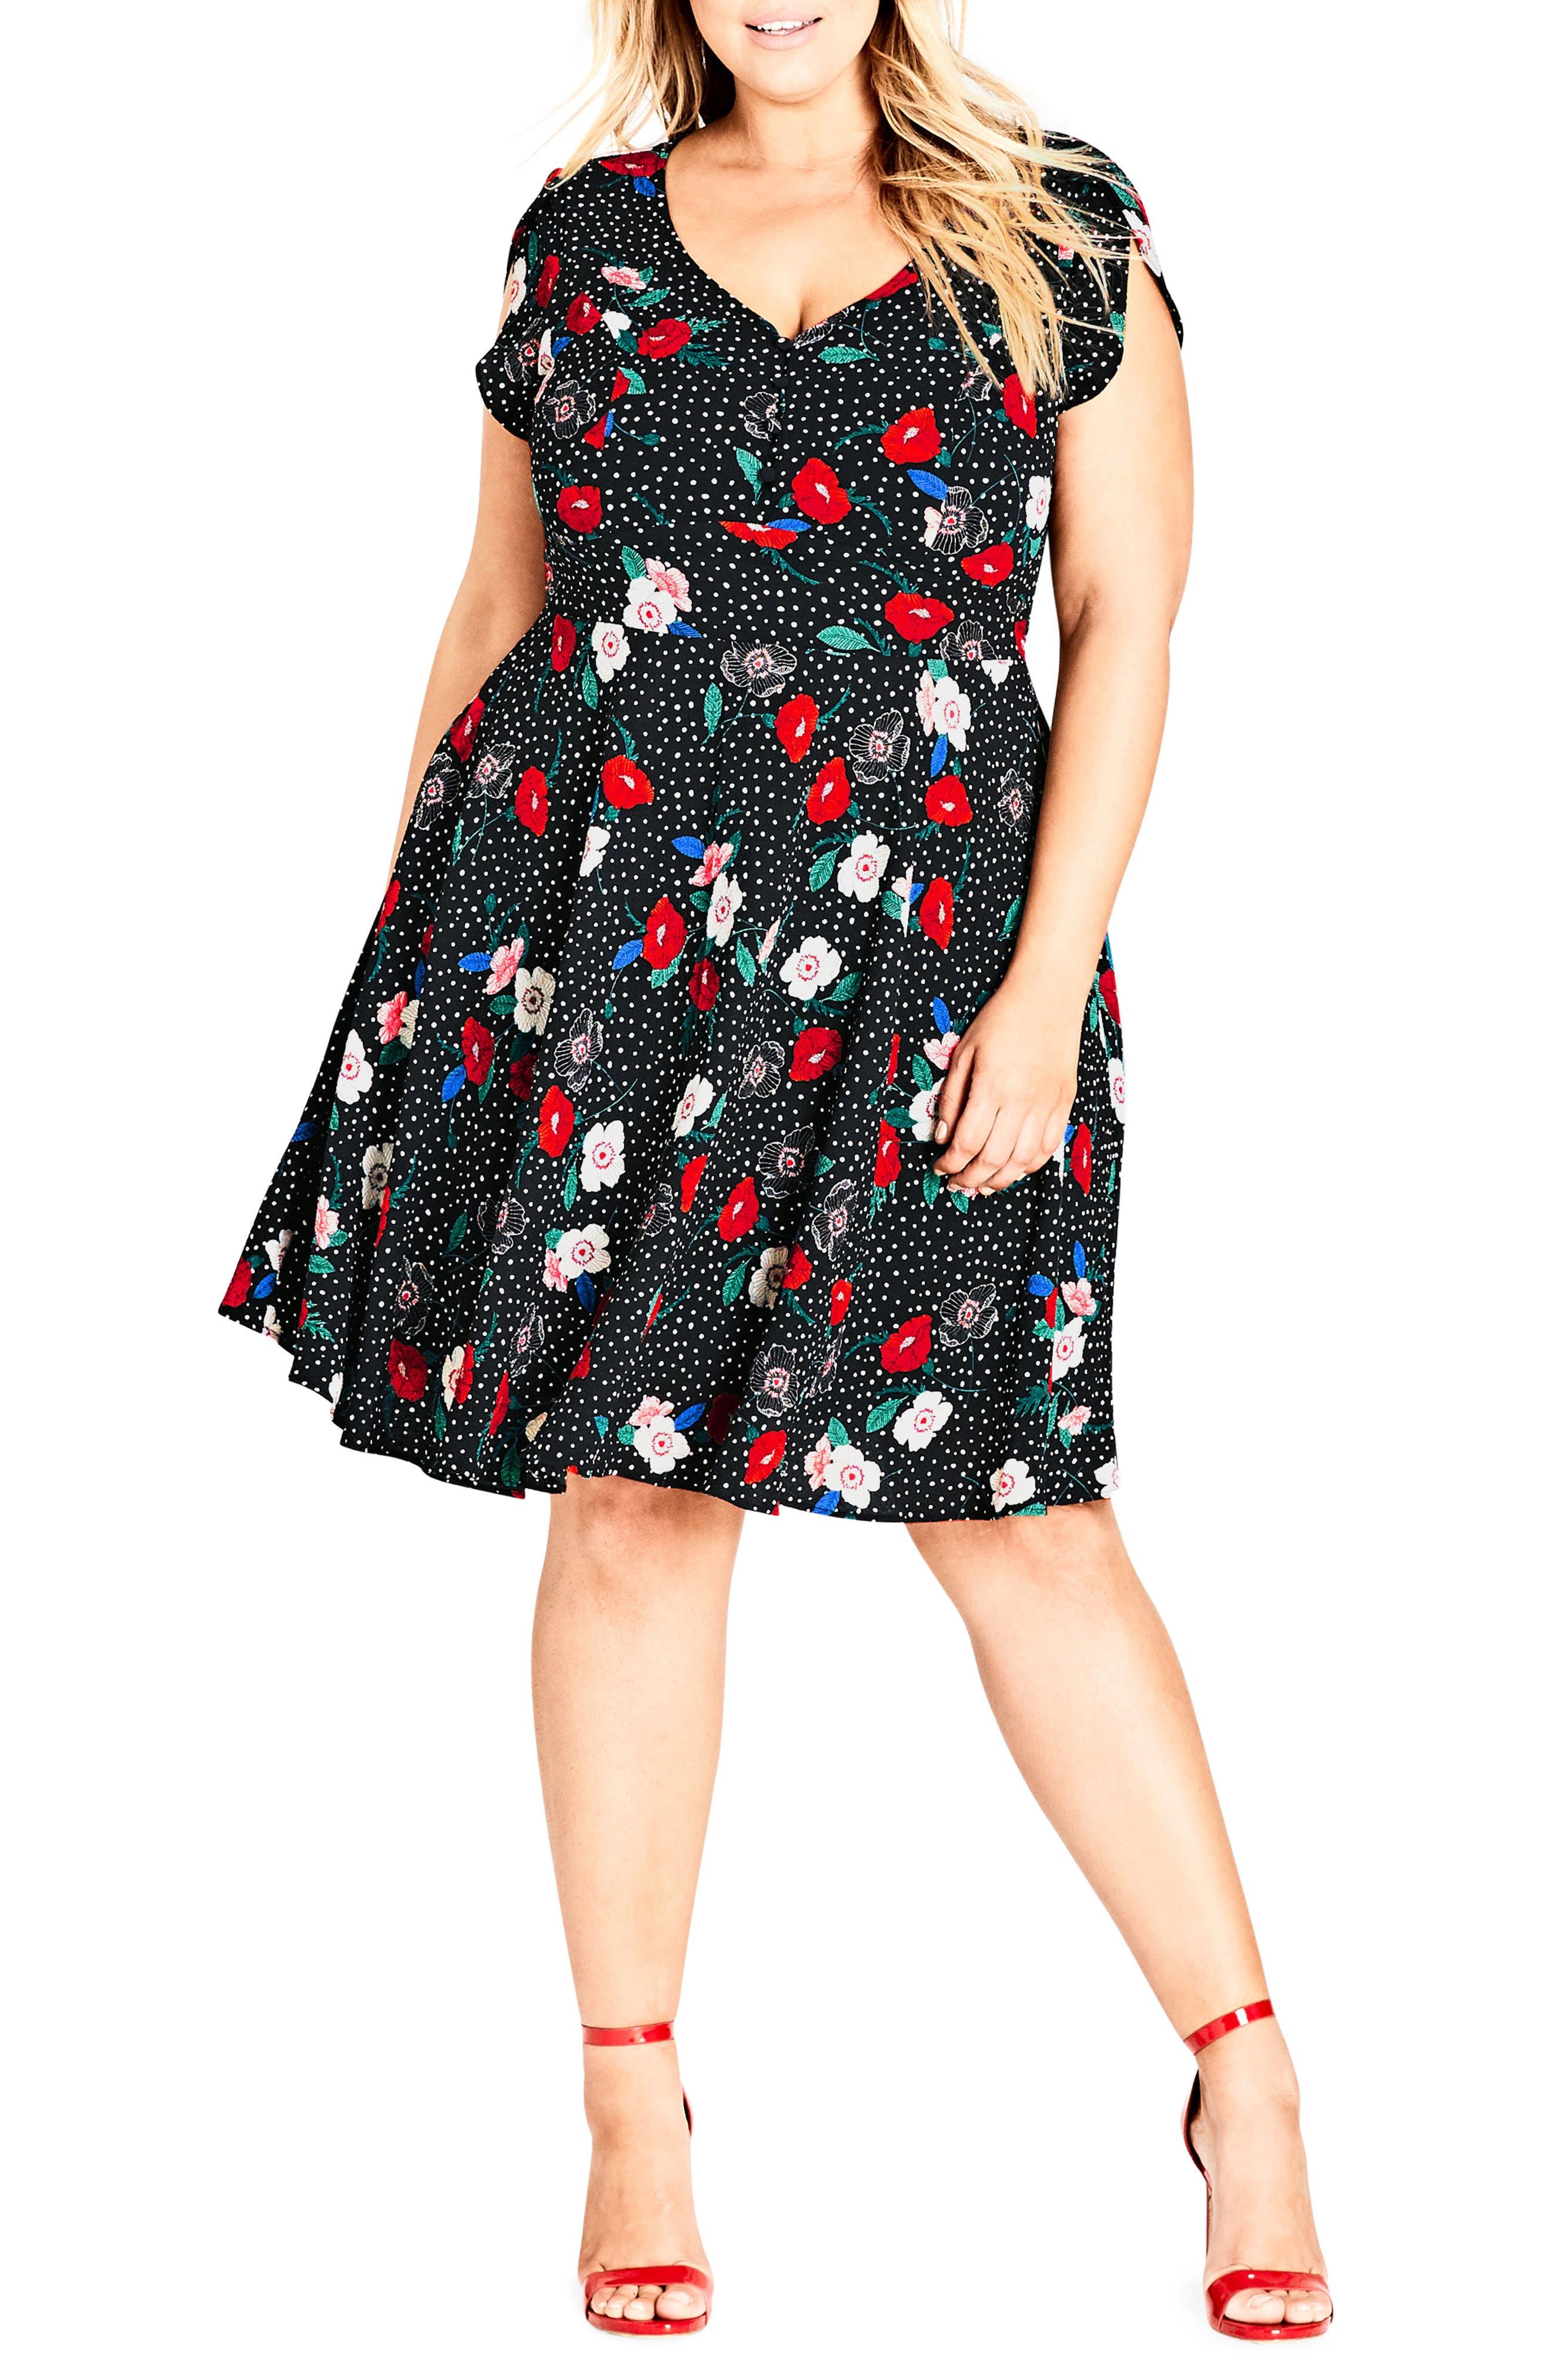 CITY CHIC Floral Spot Dress, Main, color, SPOT FLORAL